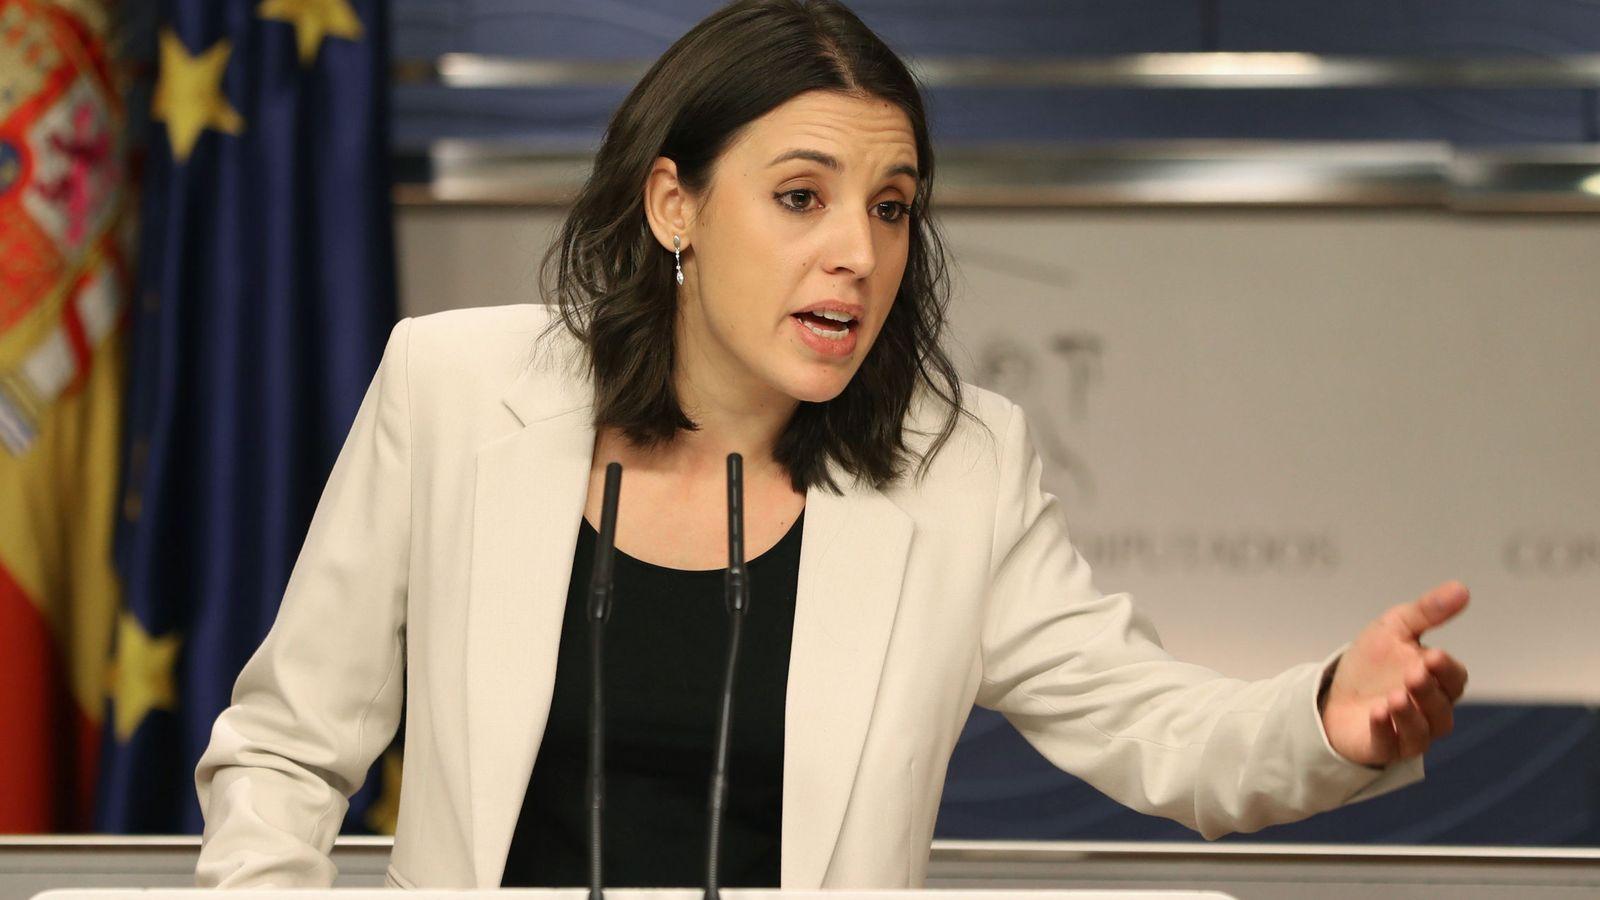 Foto: La portavoz parlamentaria de Podemos, Irene Montero, durante la rueda de prensa en el Congreso. (EFE)